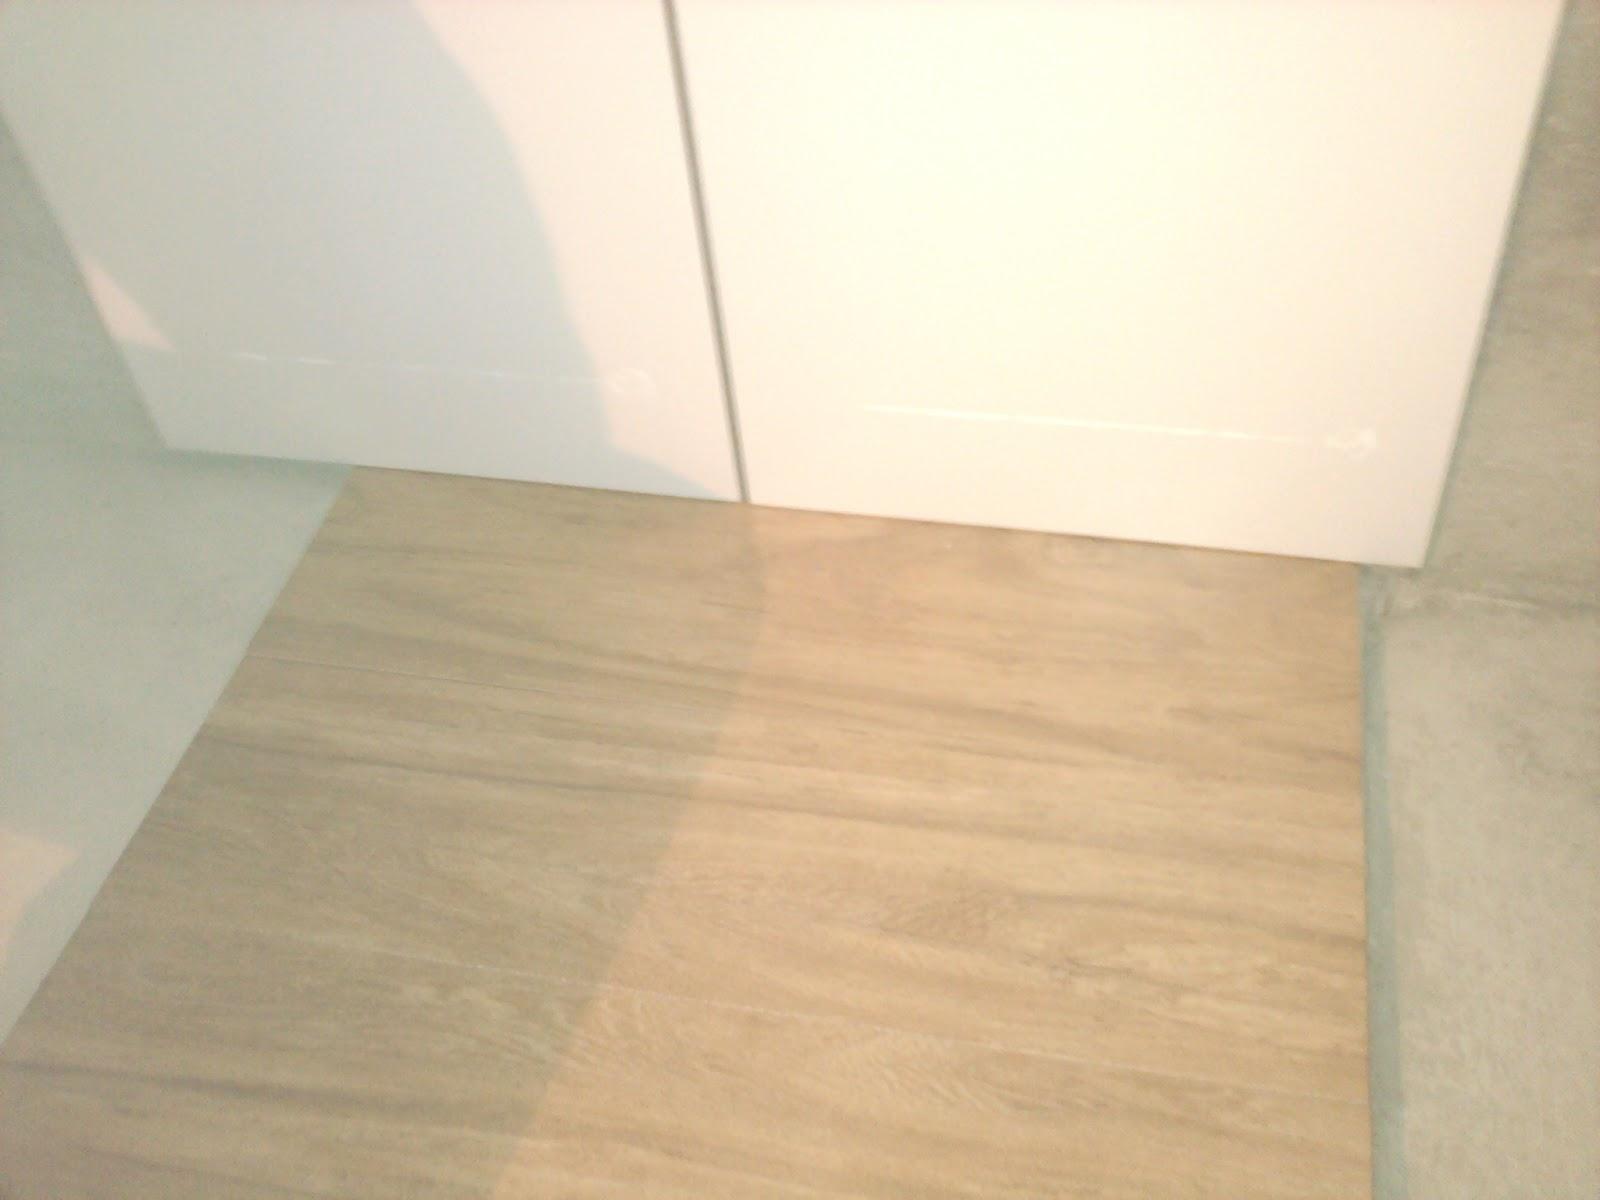 Lili em construção: Começando o banheiro #8F783C 1600x1200 Banheiro Com Amadeirado